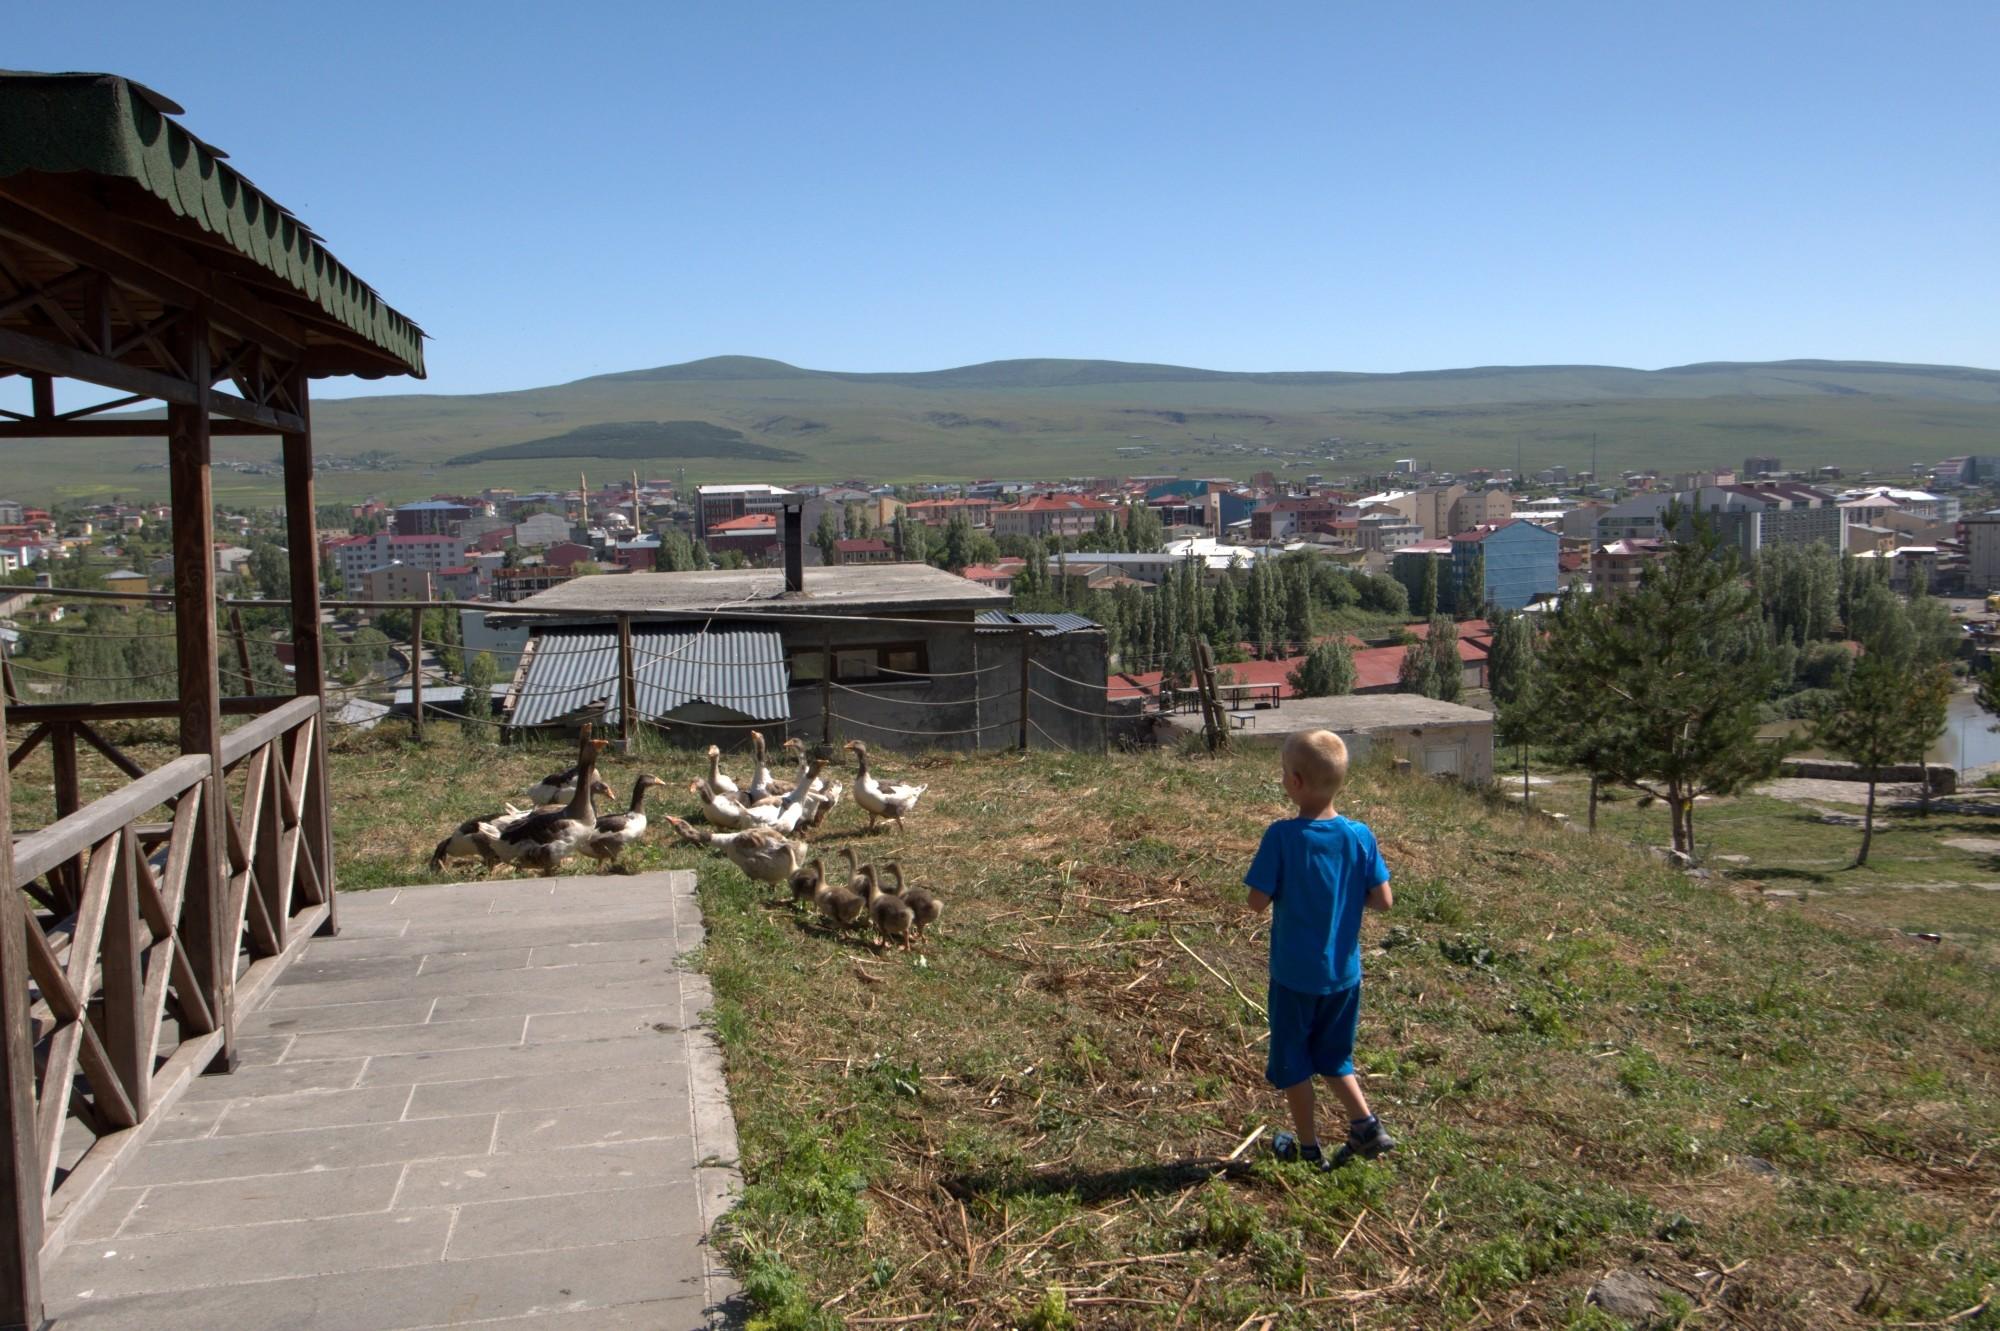 Gęsi na zamku w Ardahan